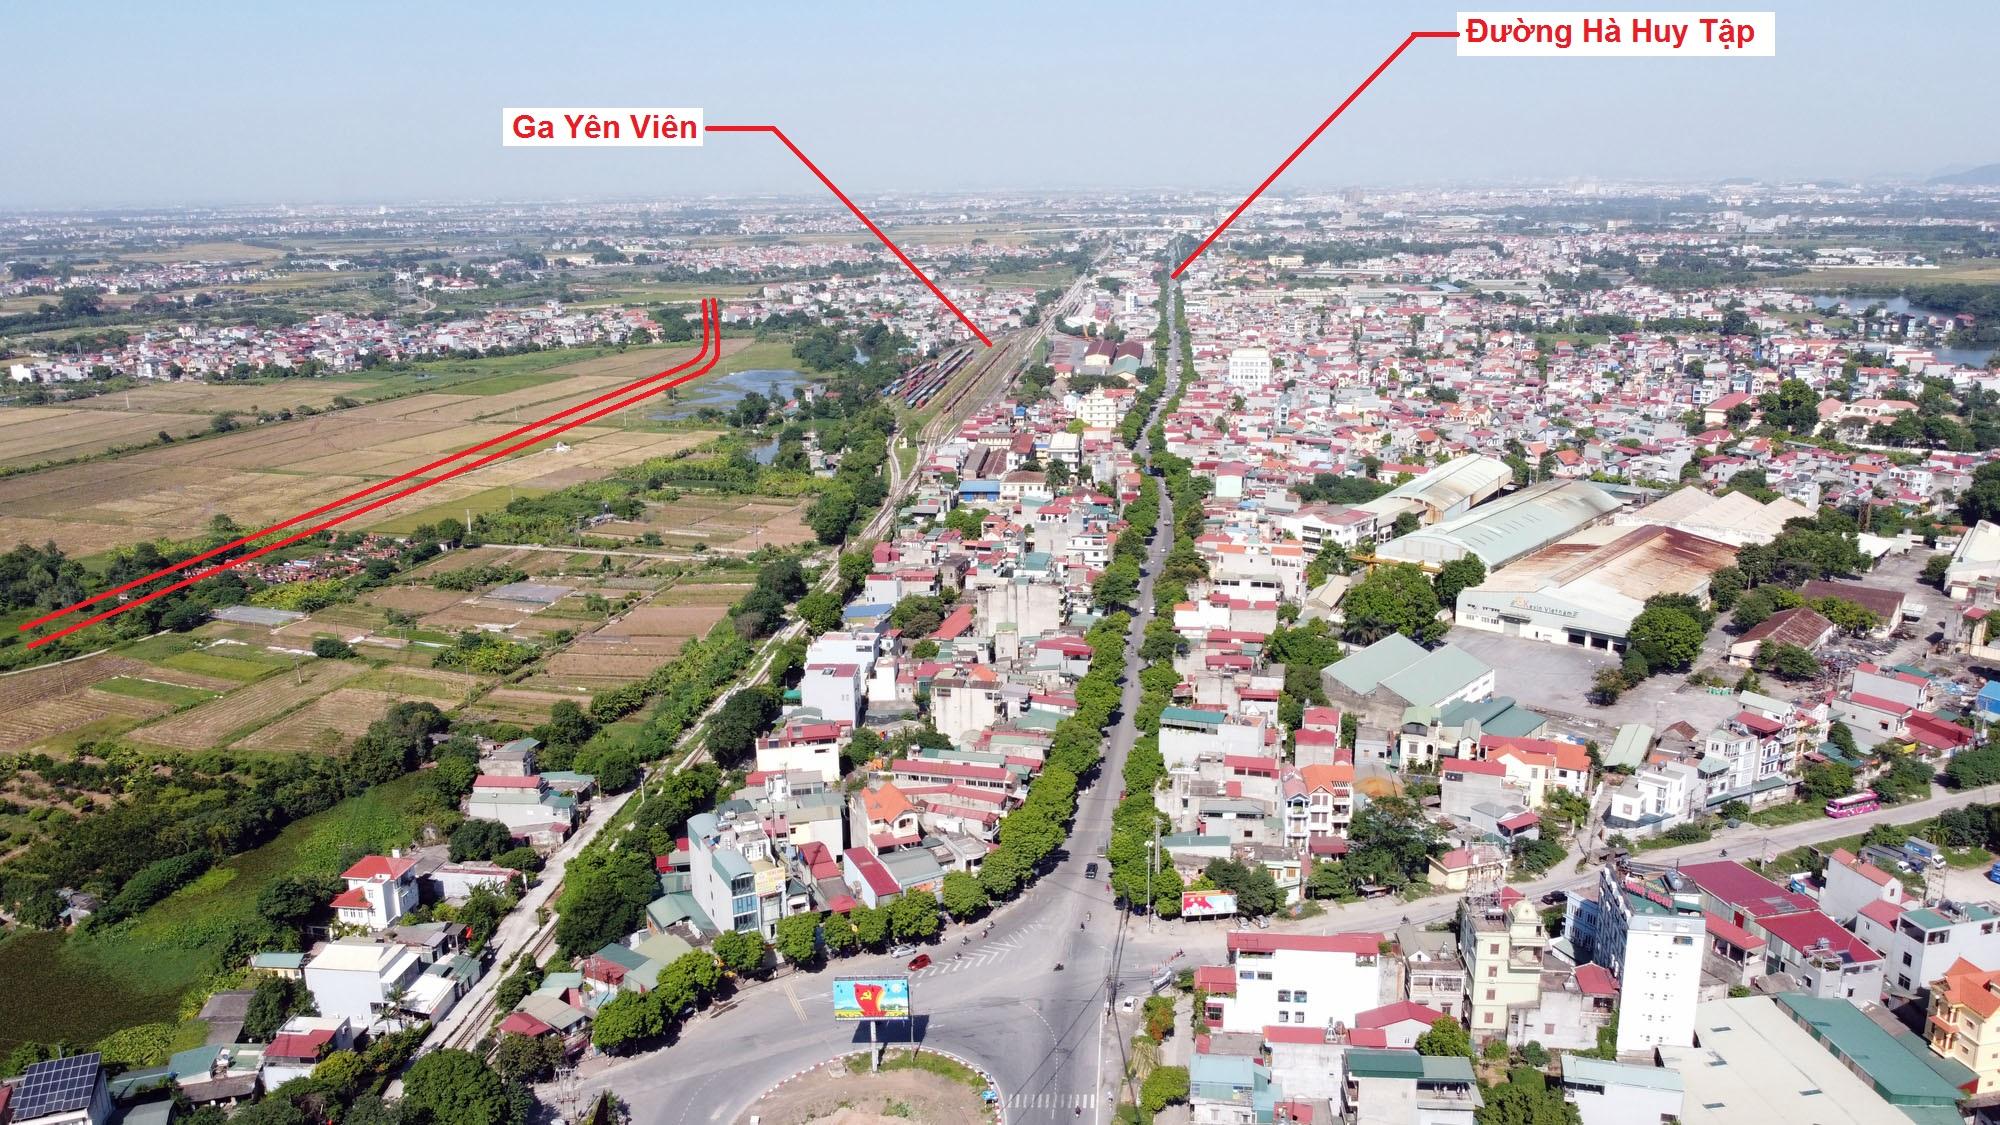 đường sẽ mở theo quy hoạch ở xã Yên Viên, Gia Lâm, Hà Nội - Ảnh 7.